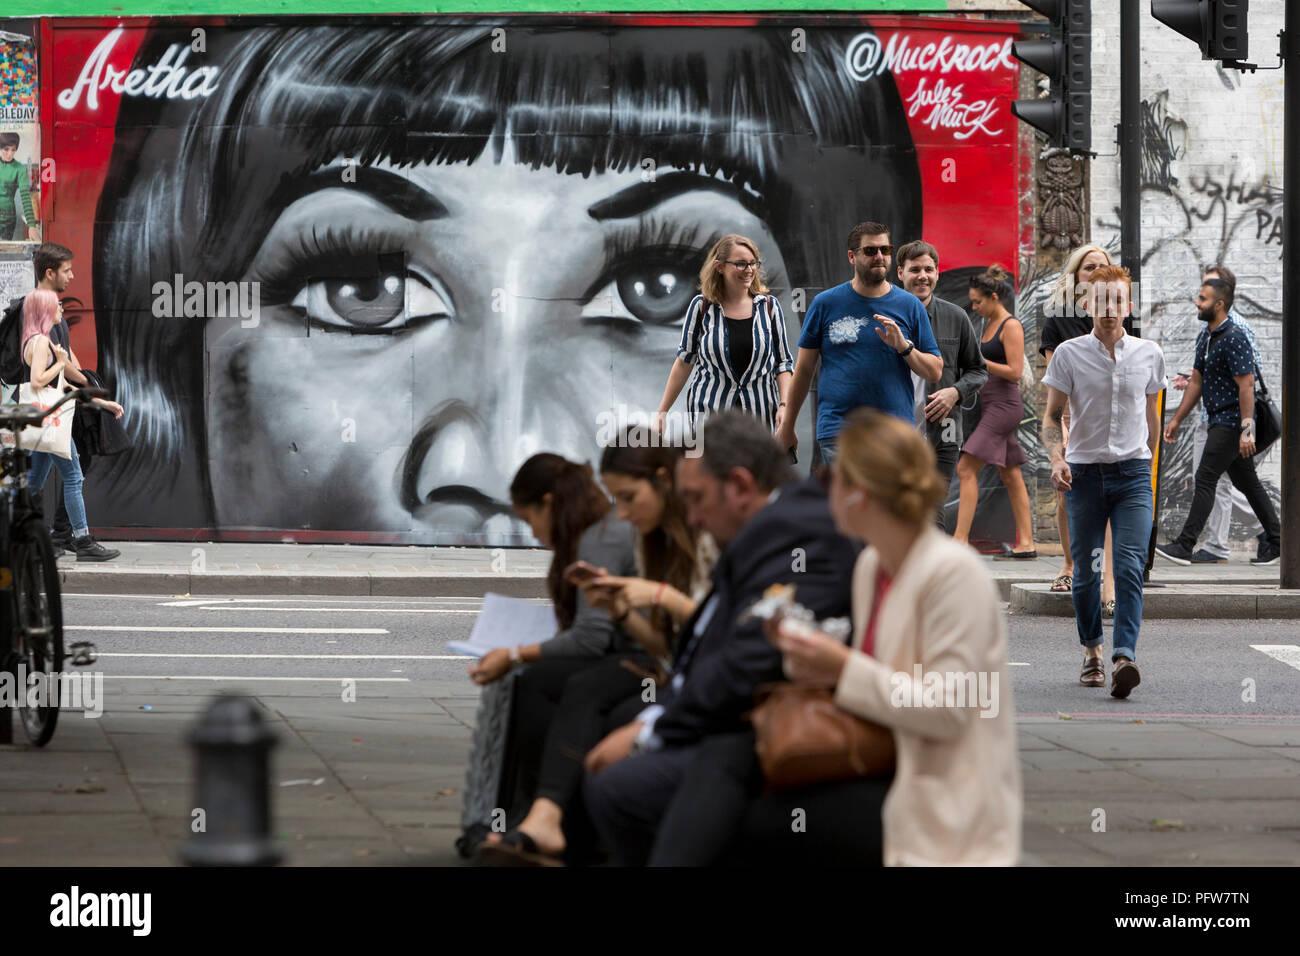 Os londrinos a pé passado recente mural Shoreditch (pelo artista Jules Muck) Rainha do Soul Aretha Franklin, que morreu alguns dias antes, em 20 de Agosto de 2018, em Londres, Inglaterra. Imagens de Stock